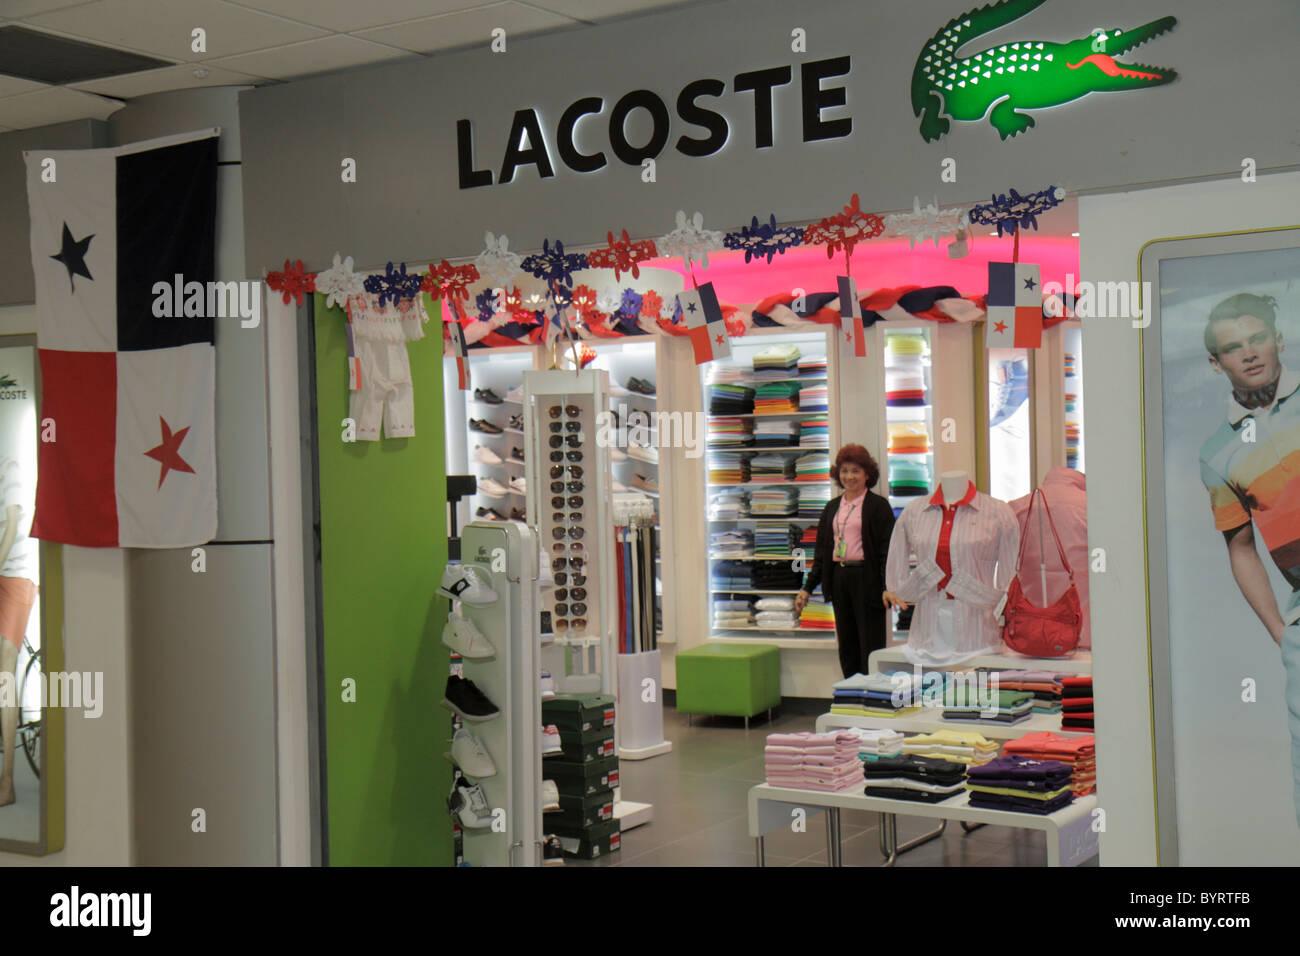 52a72561153b7 La Ciudad de Panamá en el aeropuerto de Tocumen Aeropuerto PTY concesión de  terminal comercial diseñadora de ropa Lacoste ropa de marca tienda APP